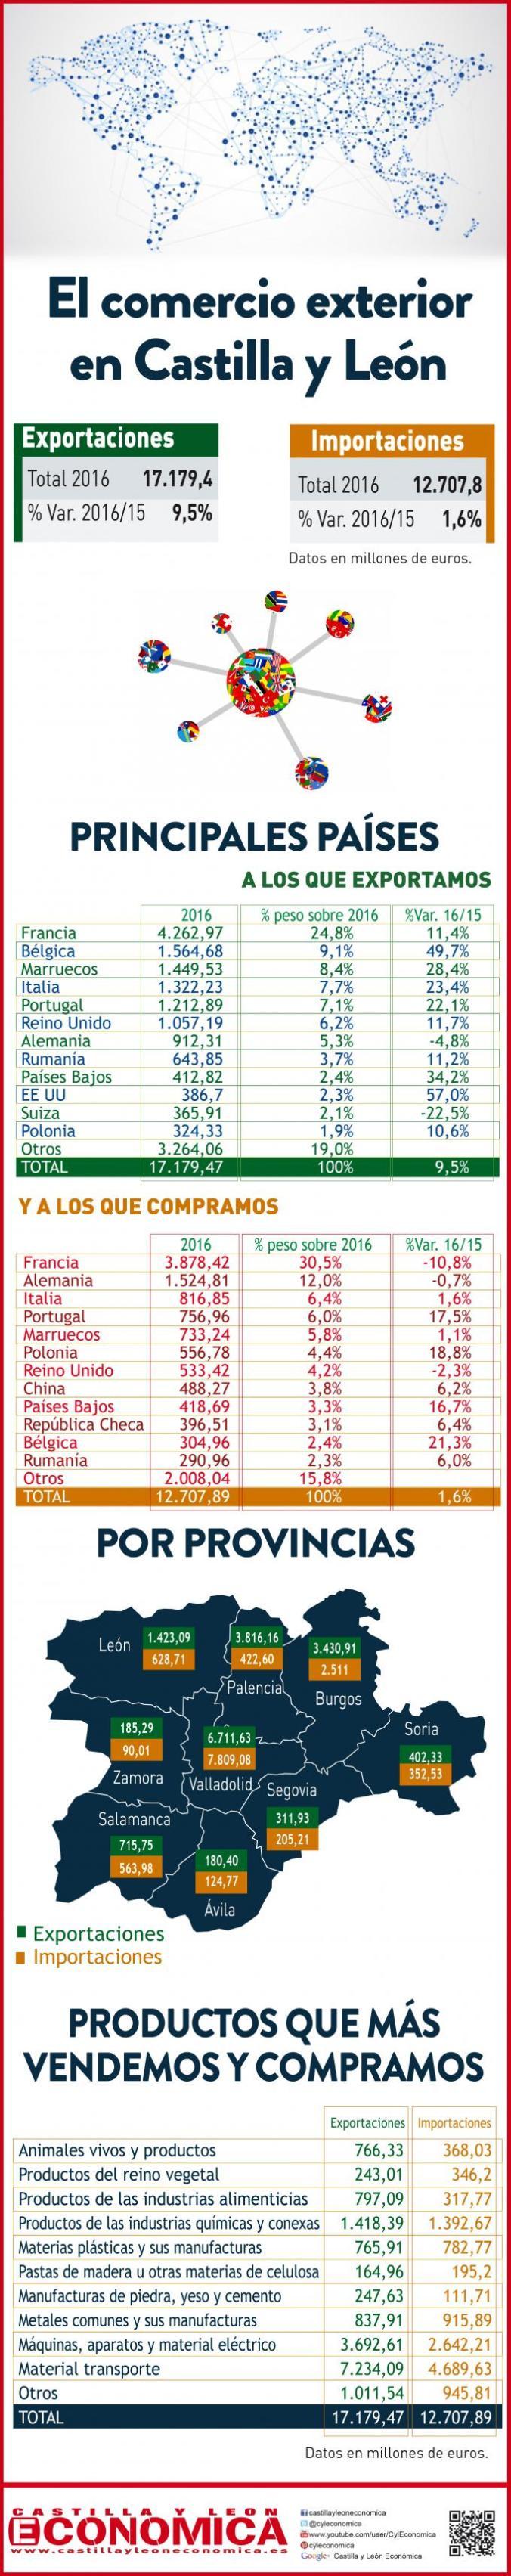 Comercio exterior en Castilla y León